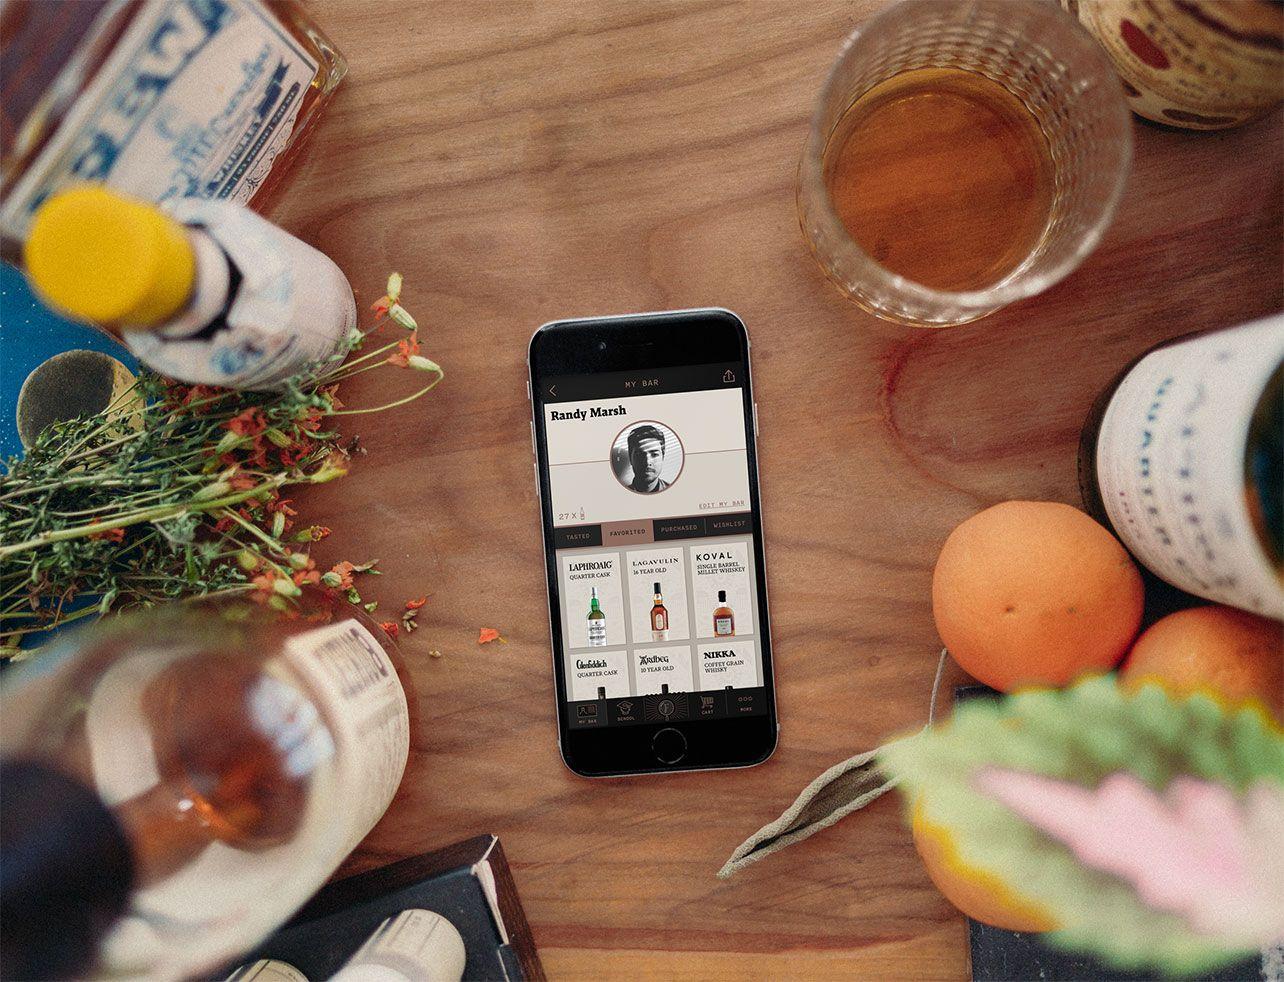 Y como la cosa hoy va de bebedera nada mejor que una App que pruebe la bebida por nosotros. Bueno, tampoco es exactamente así. Lo que hace Flaviar es acercarnos de una forma bien curiosa al sabor d…